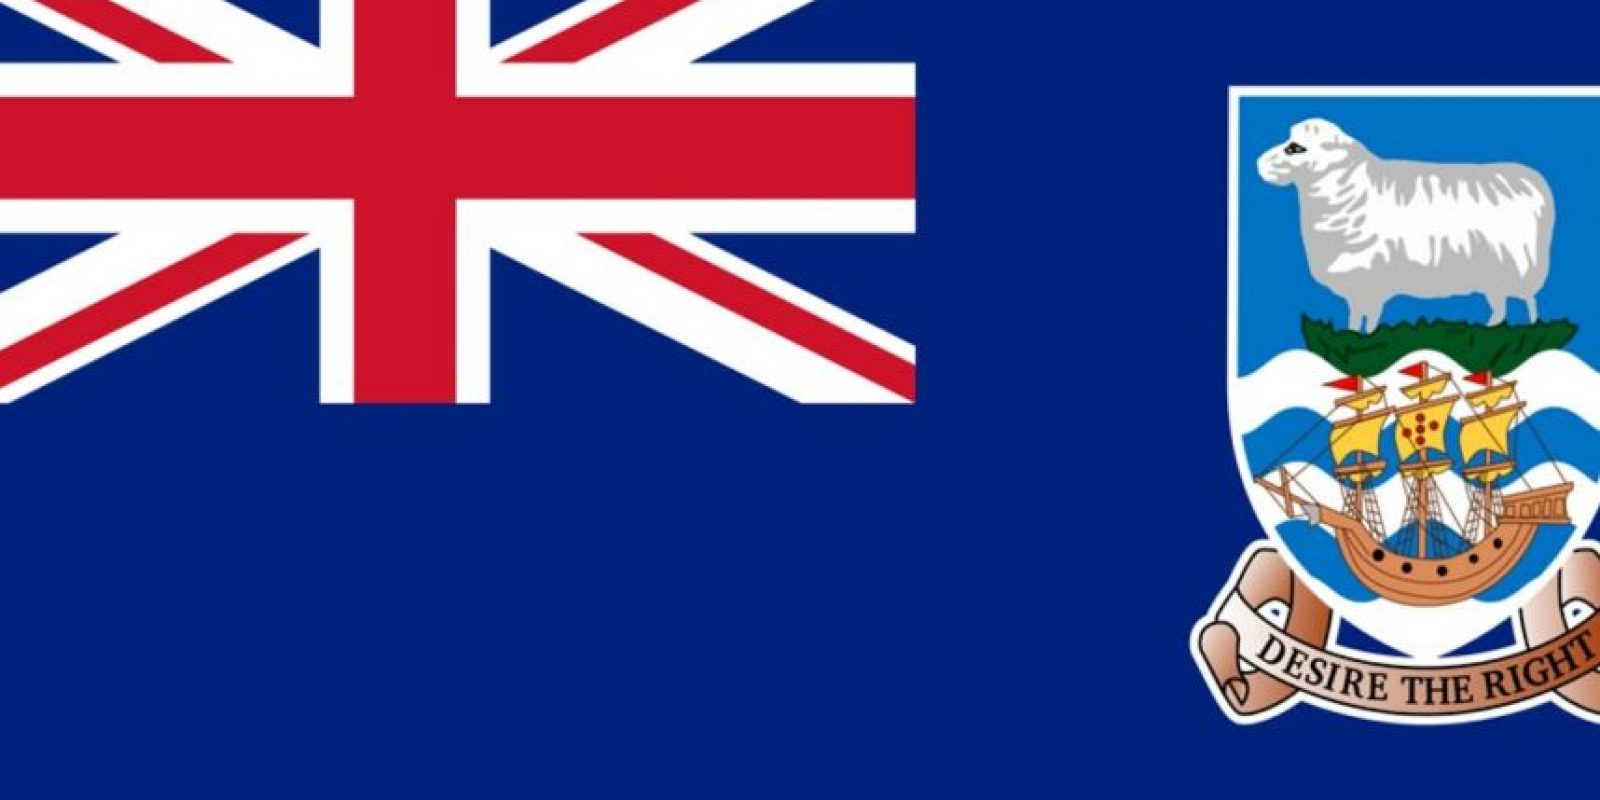 La bandera de las Islas Malvinas. Foto:vía Tumblr.com